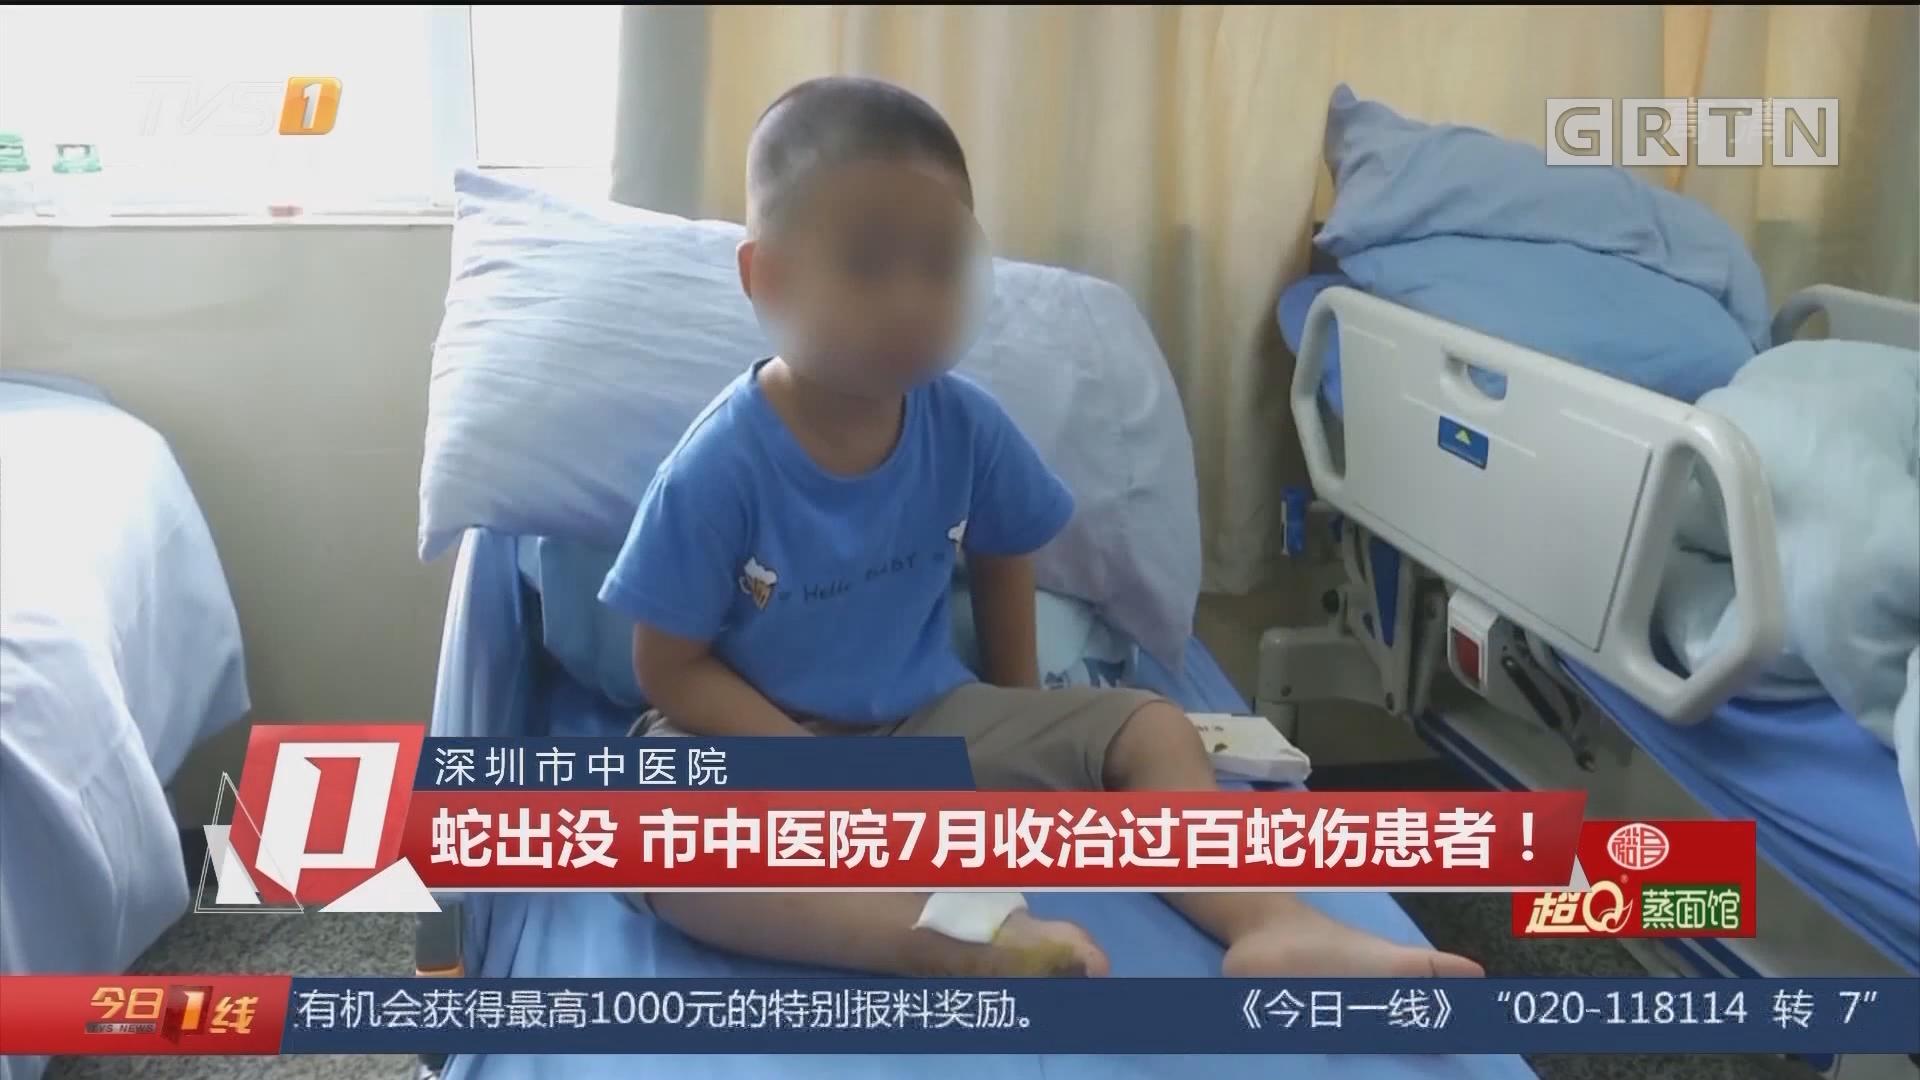 深圳市中医院:蛇出没 市中医院7月收治过百蛇伤患者!